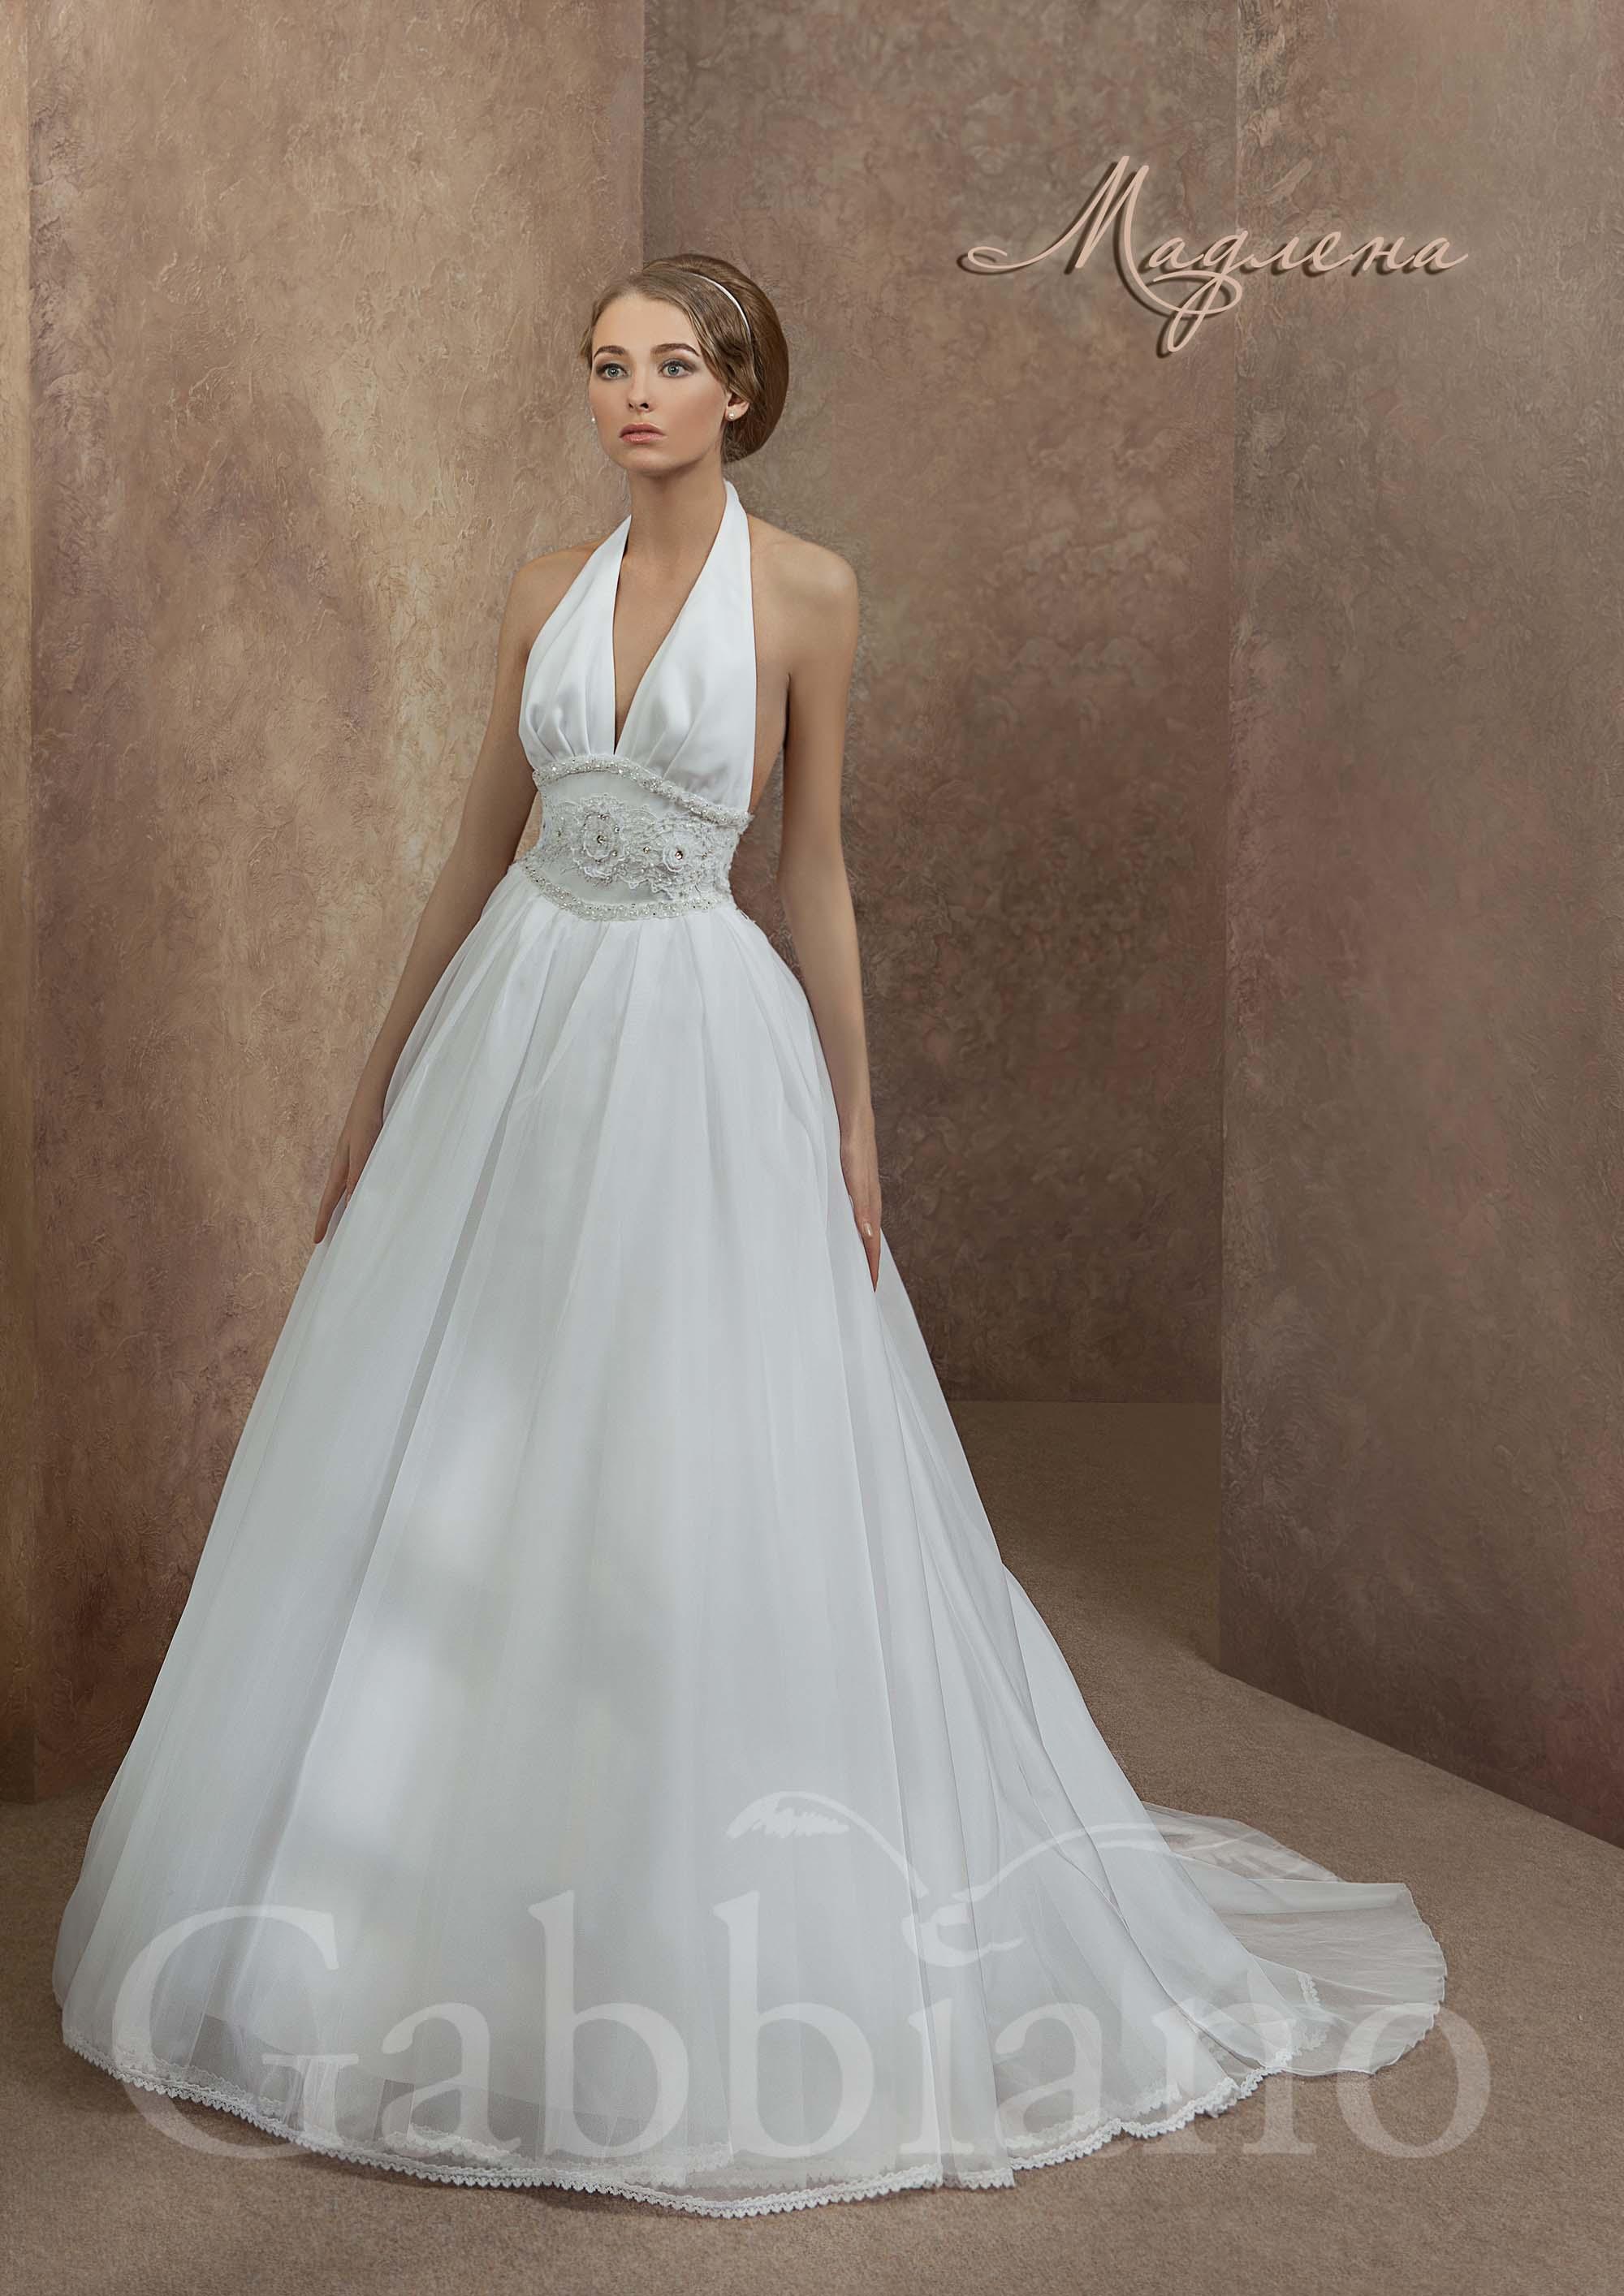 Сонник Покупка Свадебного Платья